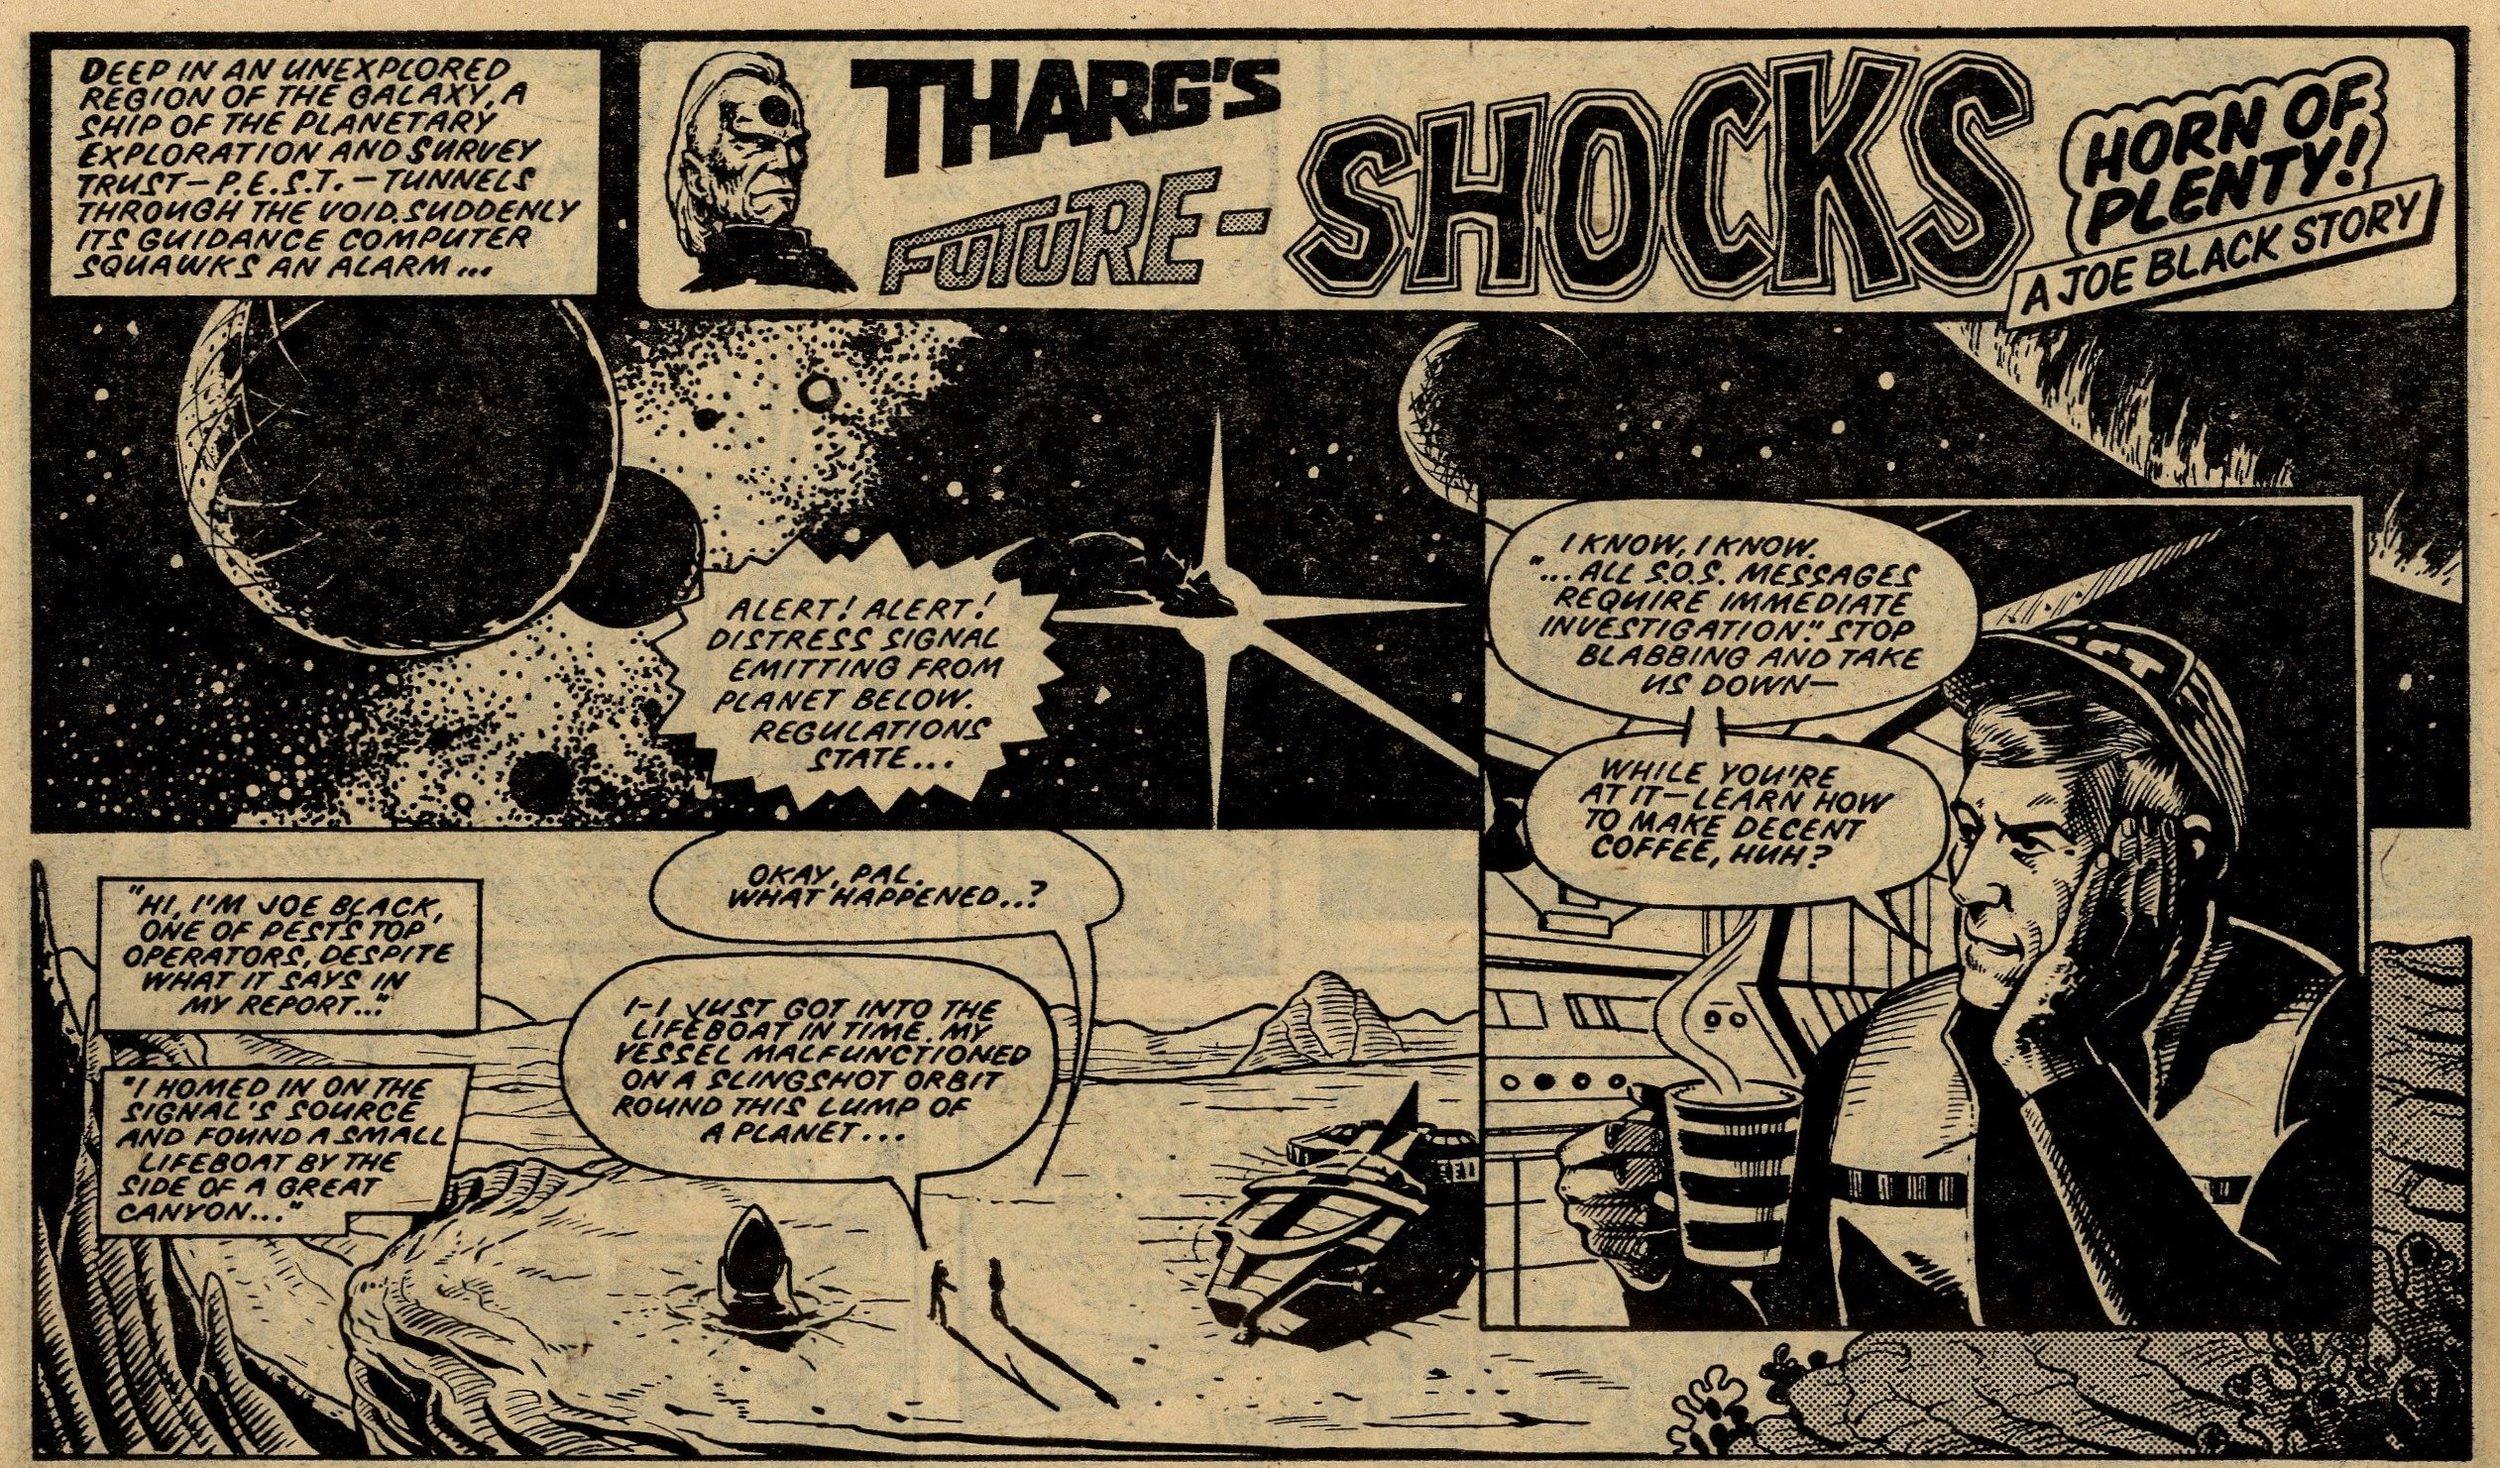 Tharg's Future Shocks: The Horn of Plenty!: Kelvin Gosnell (writer), John Higgins (artist)